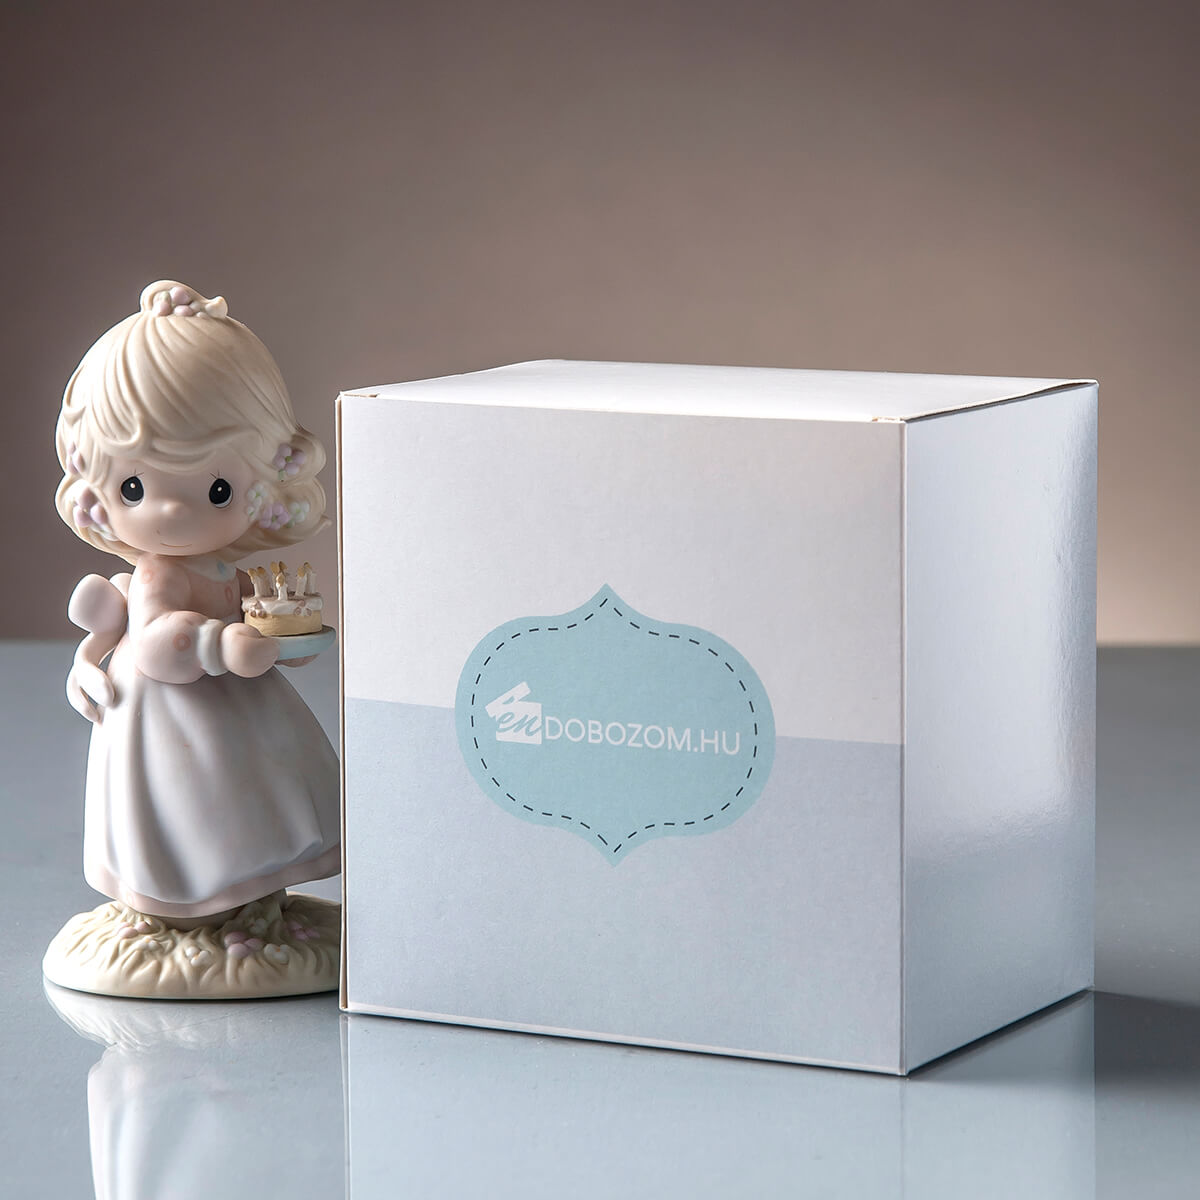 önzáró aljú bedugófüles doboz ajándék csomagoláshoz